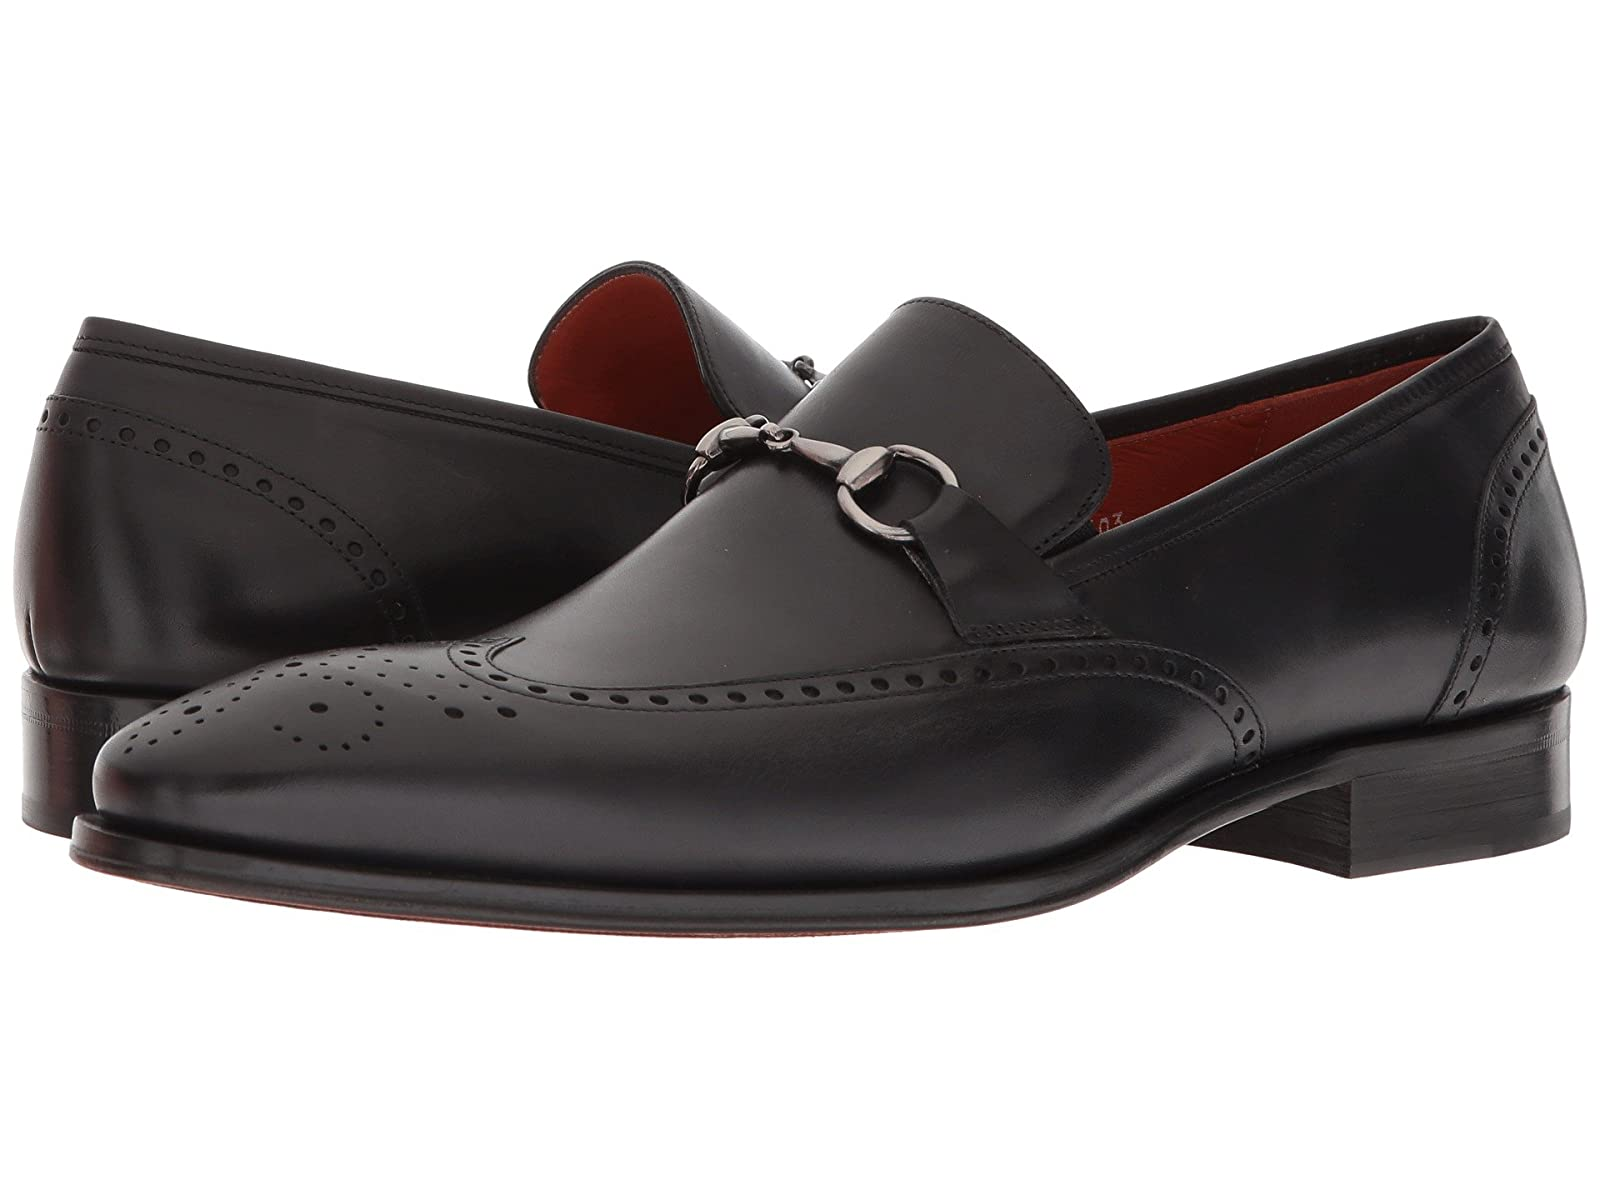 Mezlan HerlotAtmospheric grades have affordable shoes